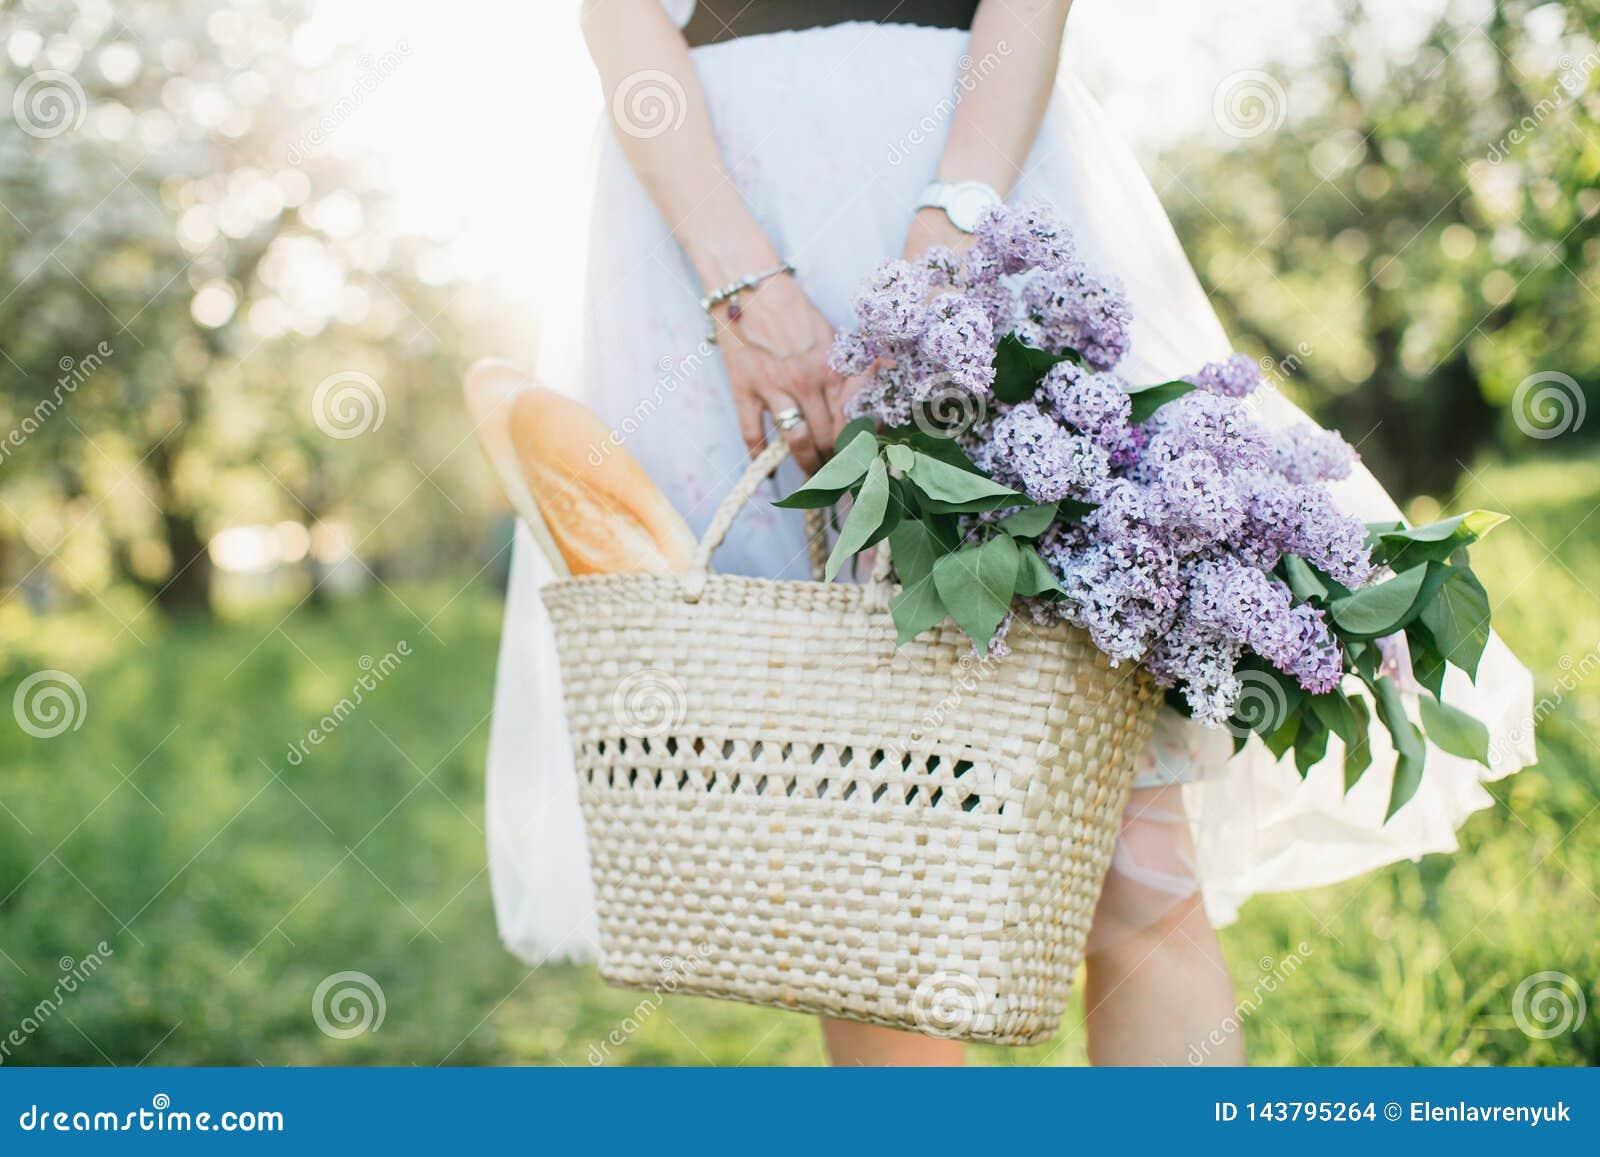 Корзина с букетом сиреней и багета в руках женщины на предпосылке природы